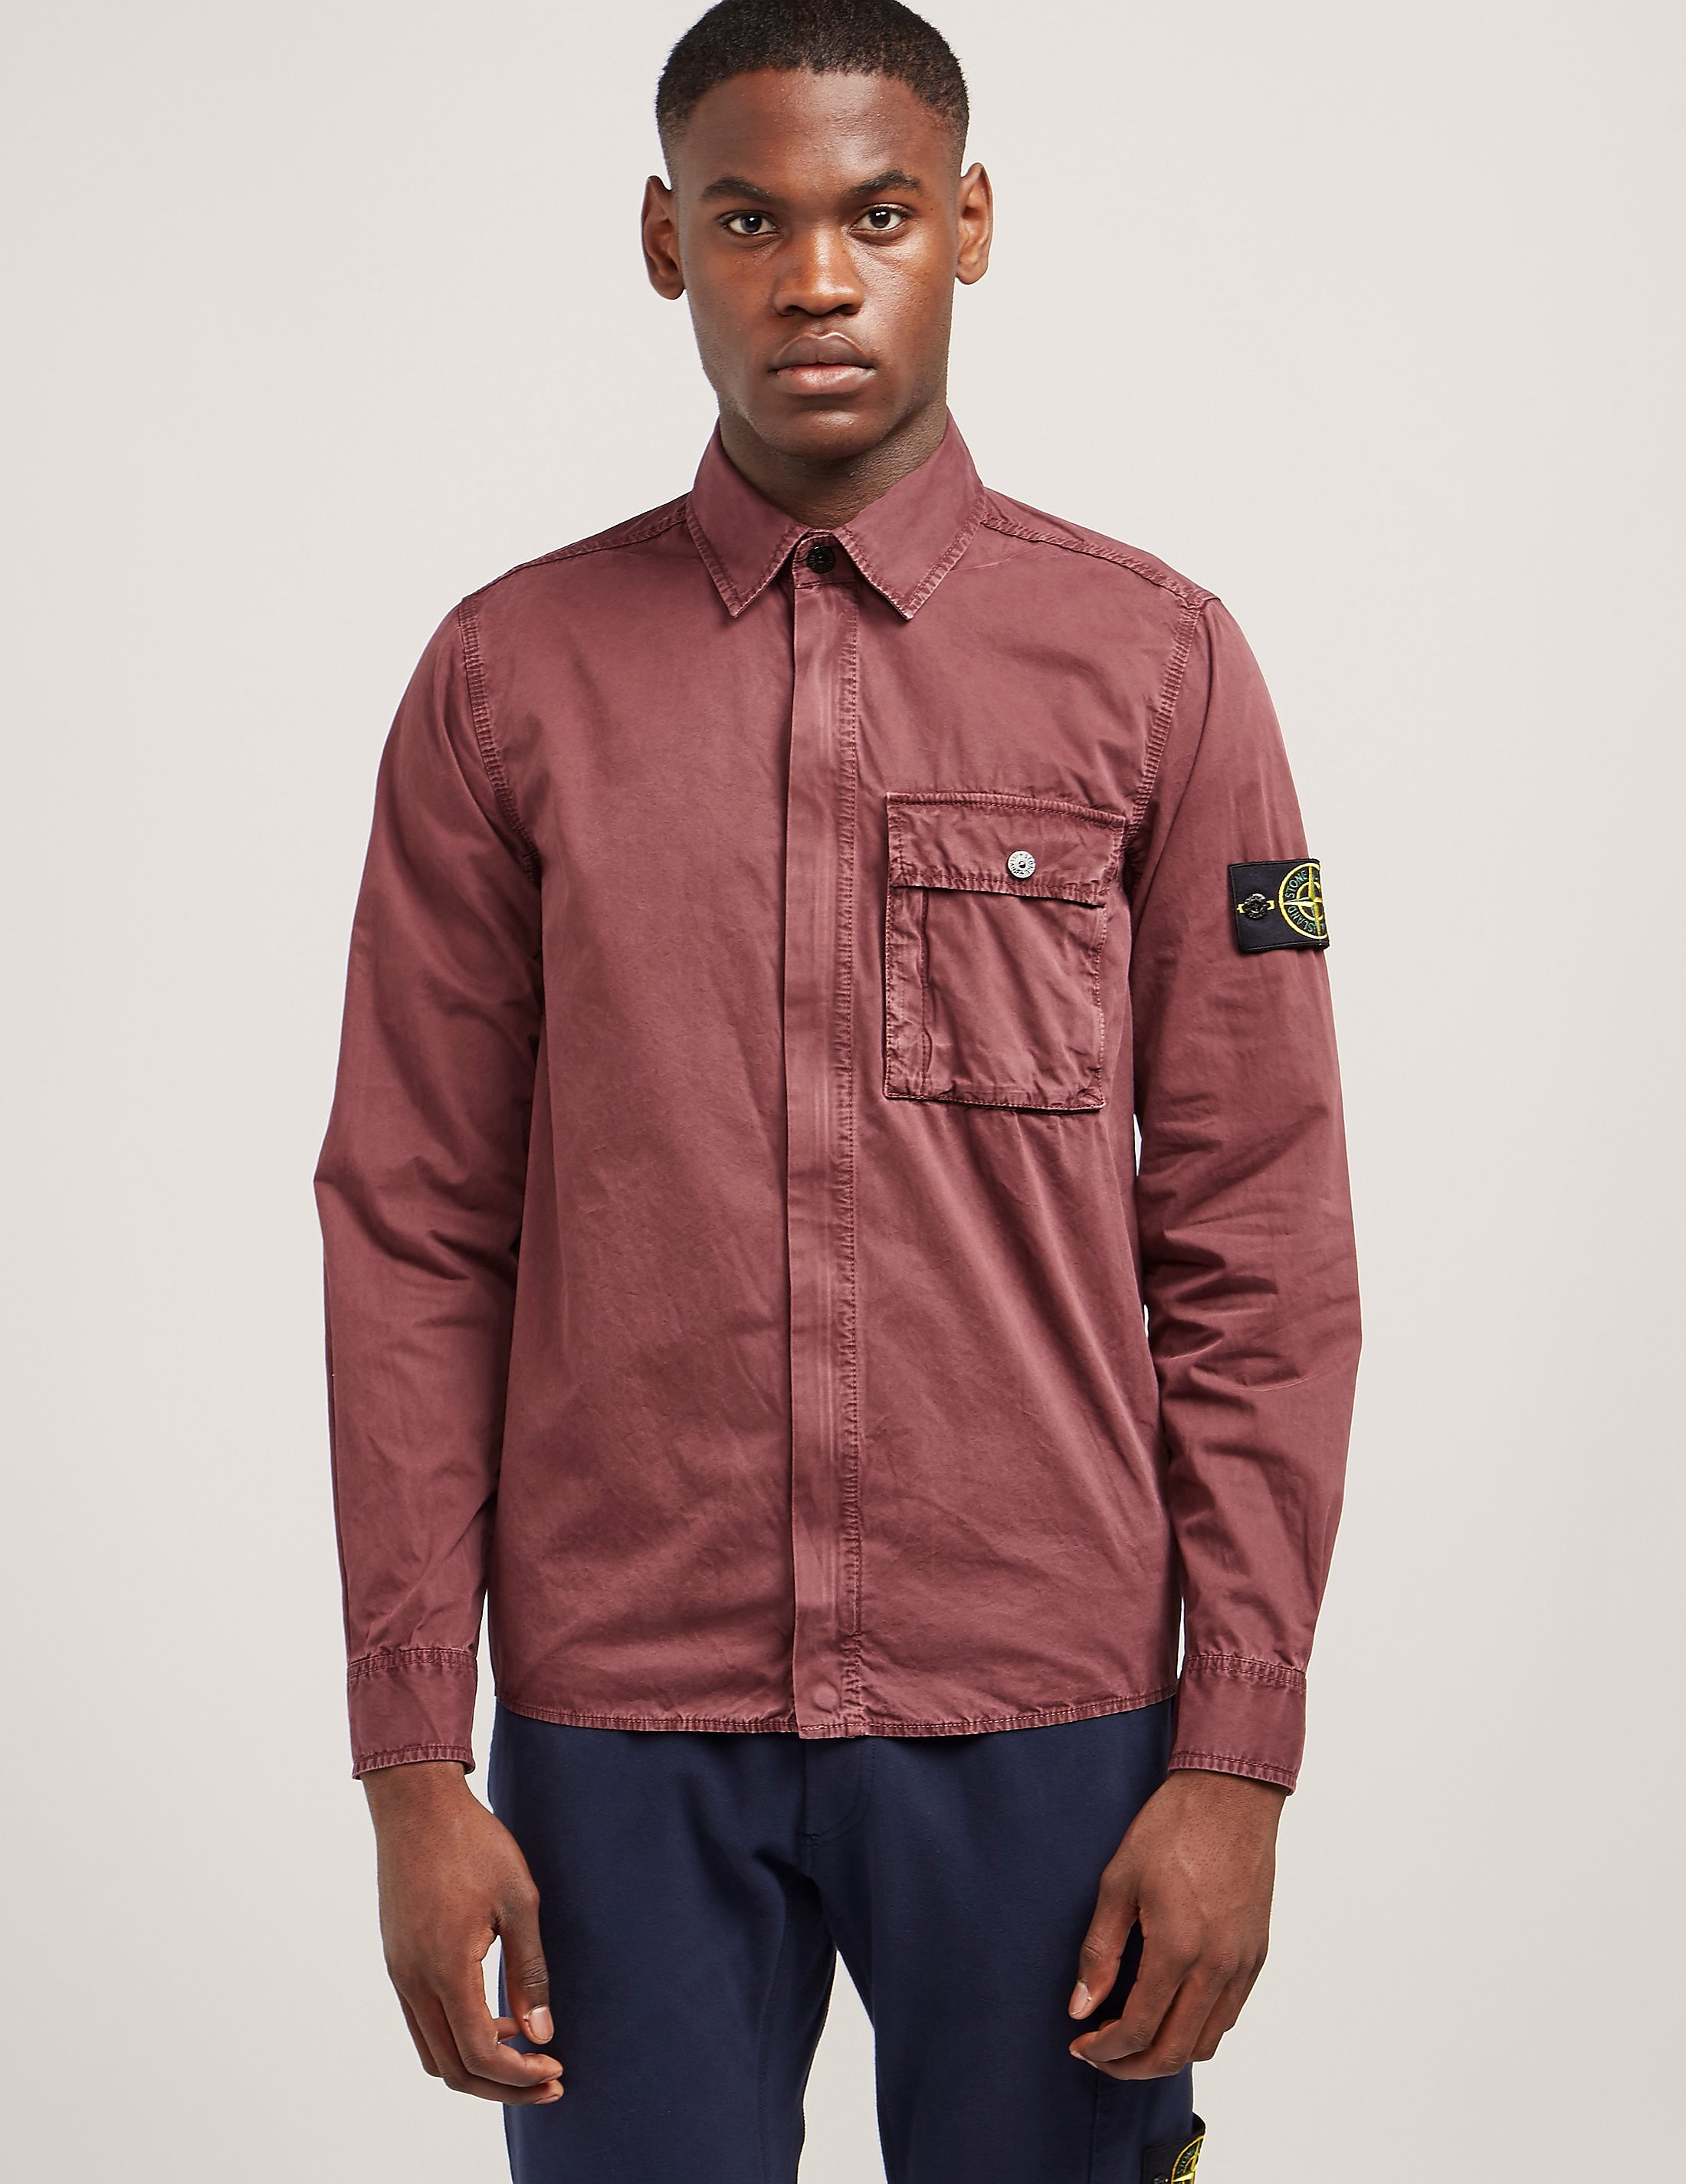 Stone Island Garment Dyed Overshirt